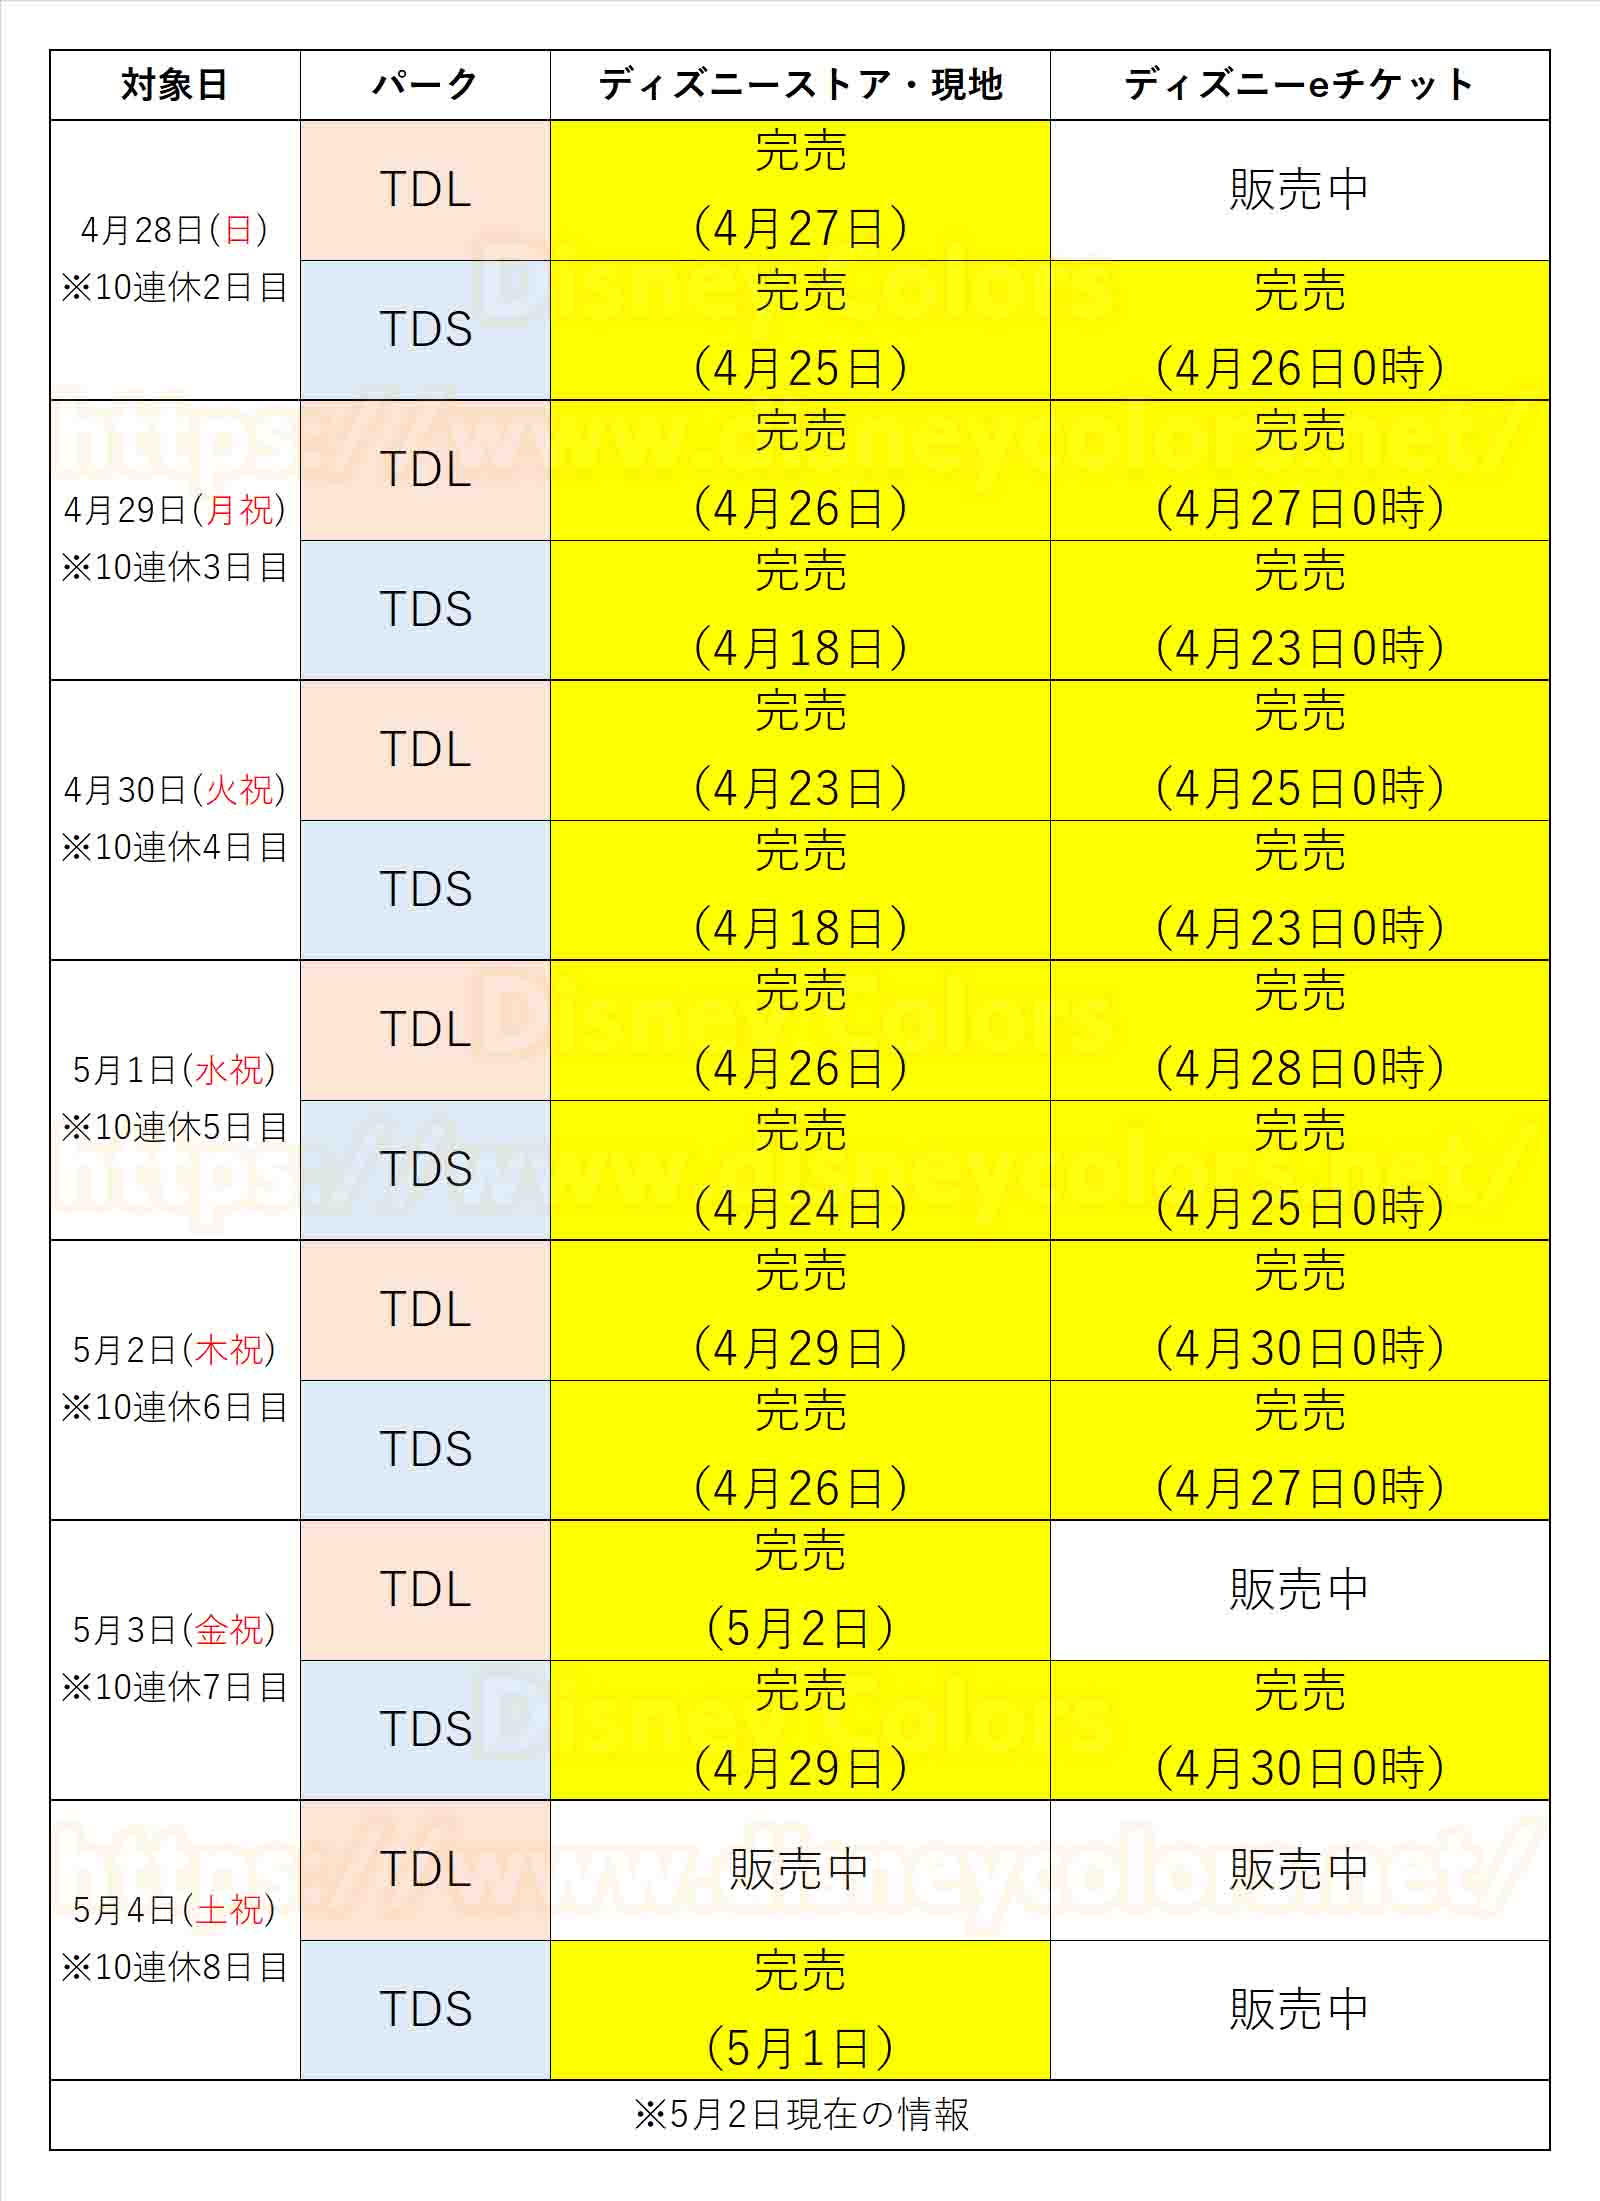 東京ディズニーランド 東京ディズニーシー 2019年 4月28日 4月29日 4月30日 5月1日 5月2日 5月3日 5月4日 前売券 完売 10連休 ゴールデンウィーク